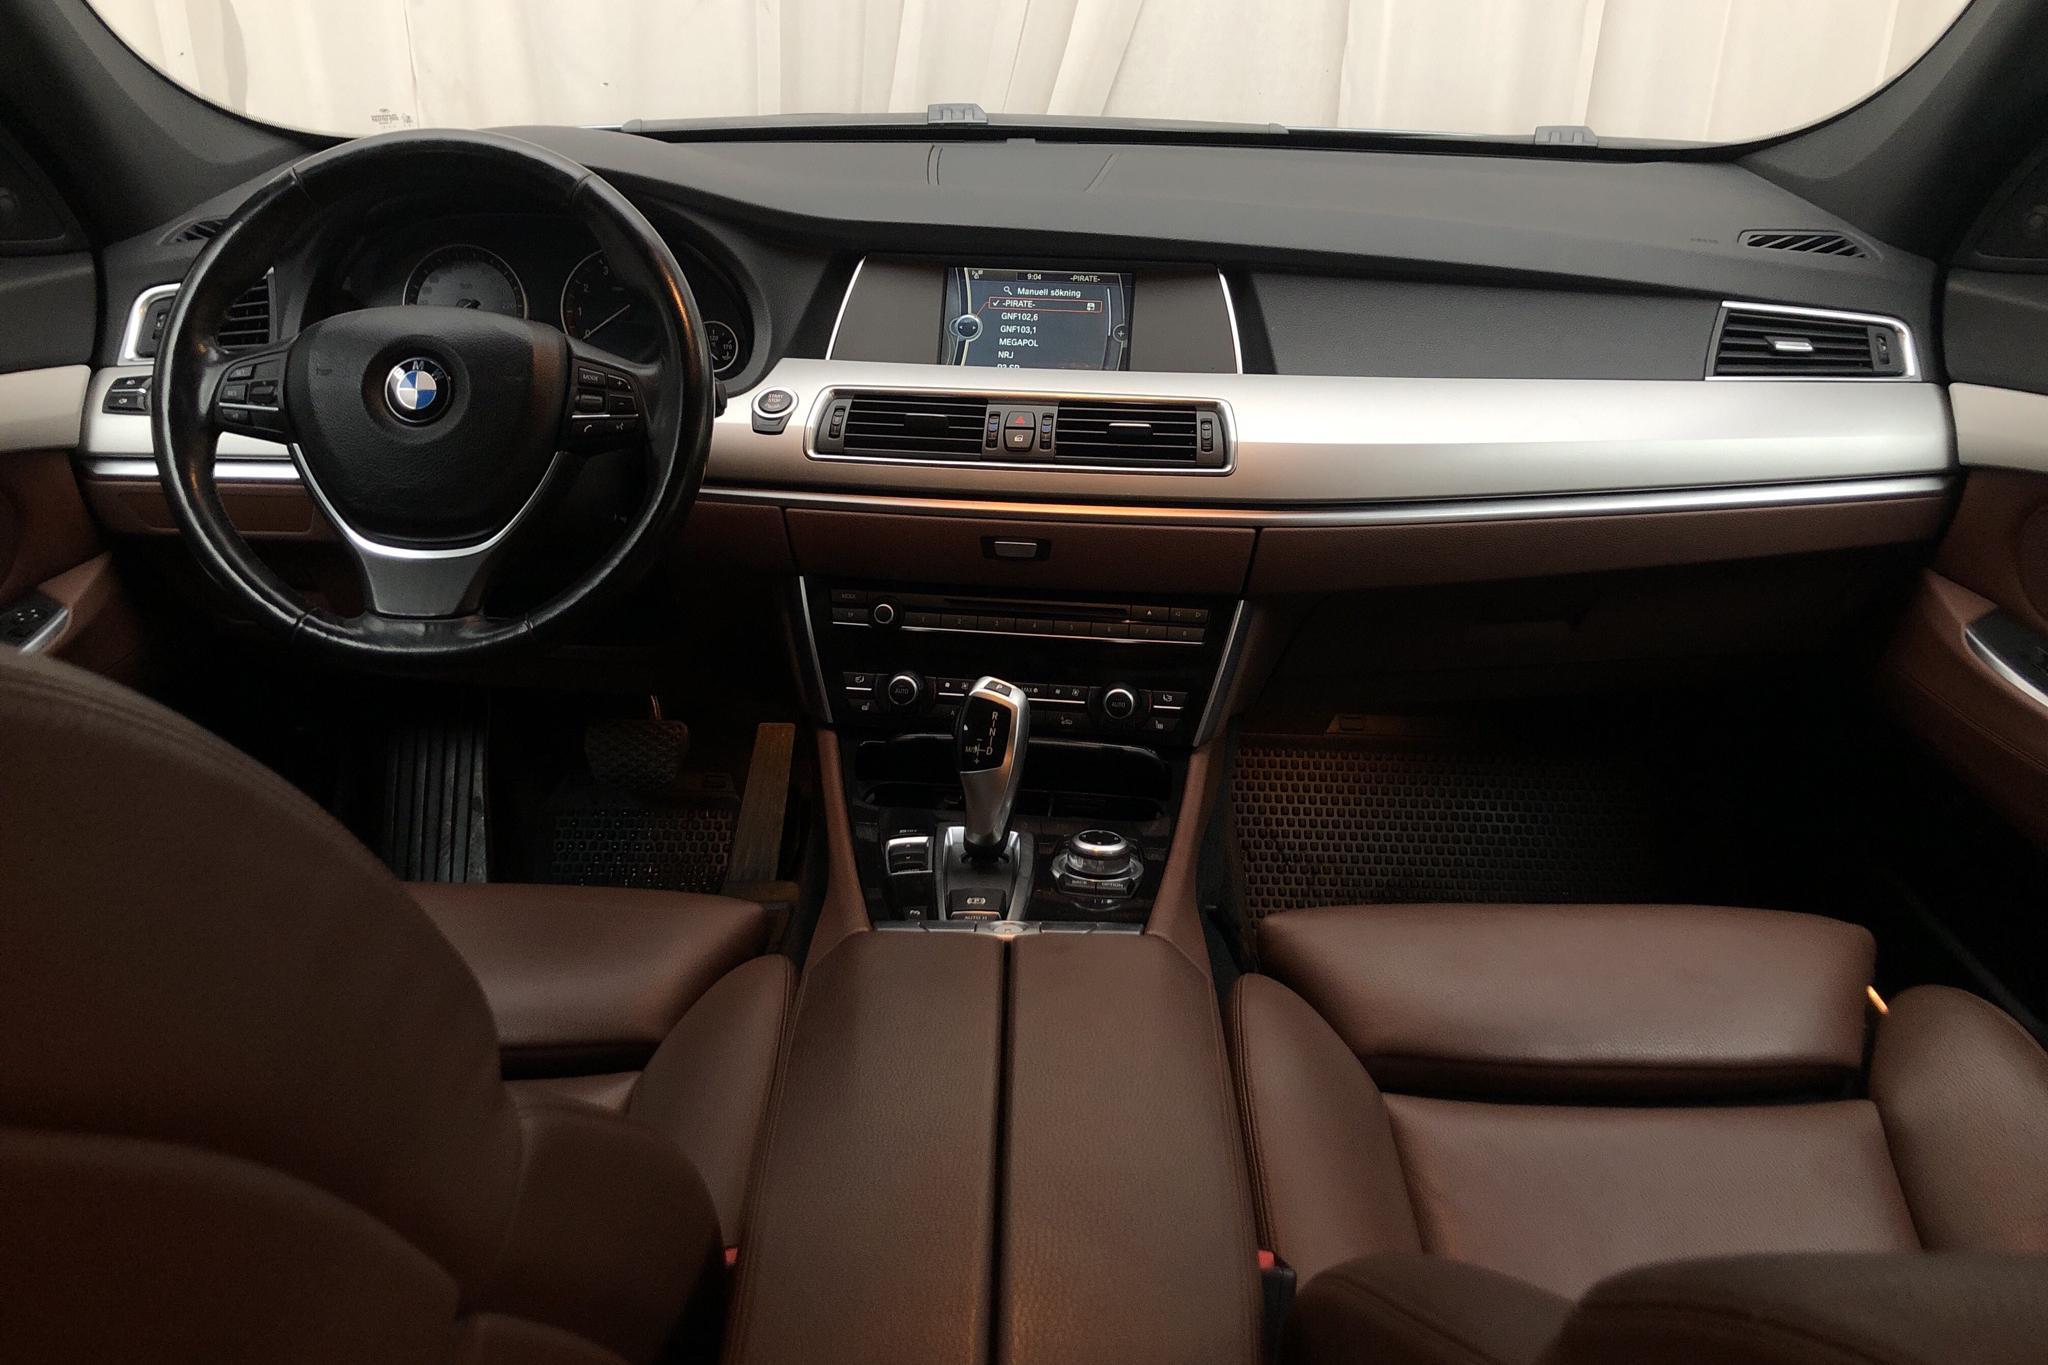 BMW 550i GT, F07 (408hk) - 177 670 km - Automatic - blue - 2010